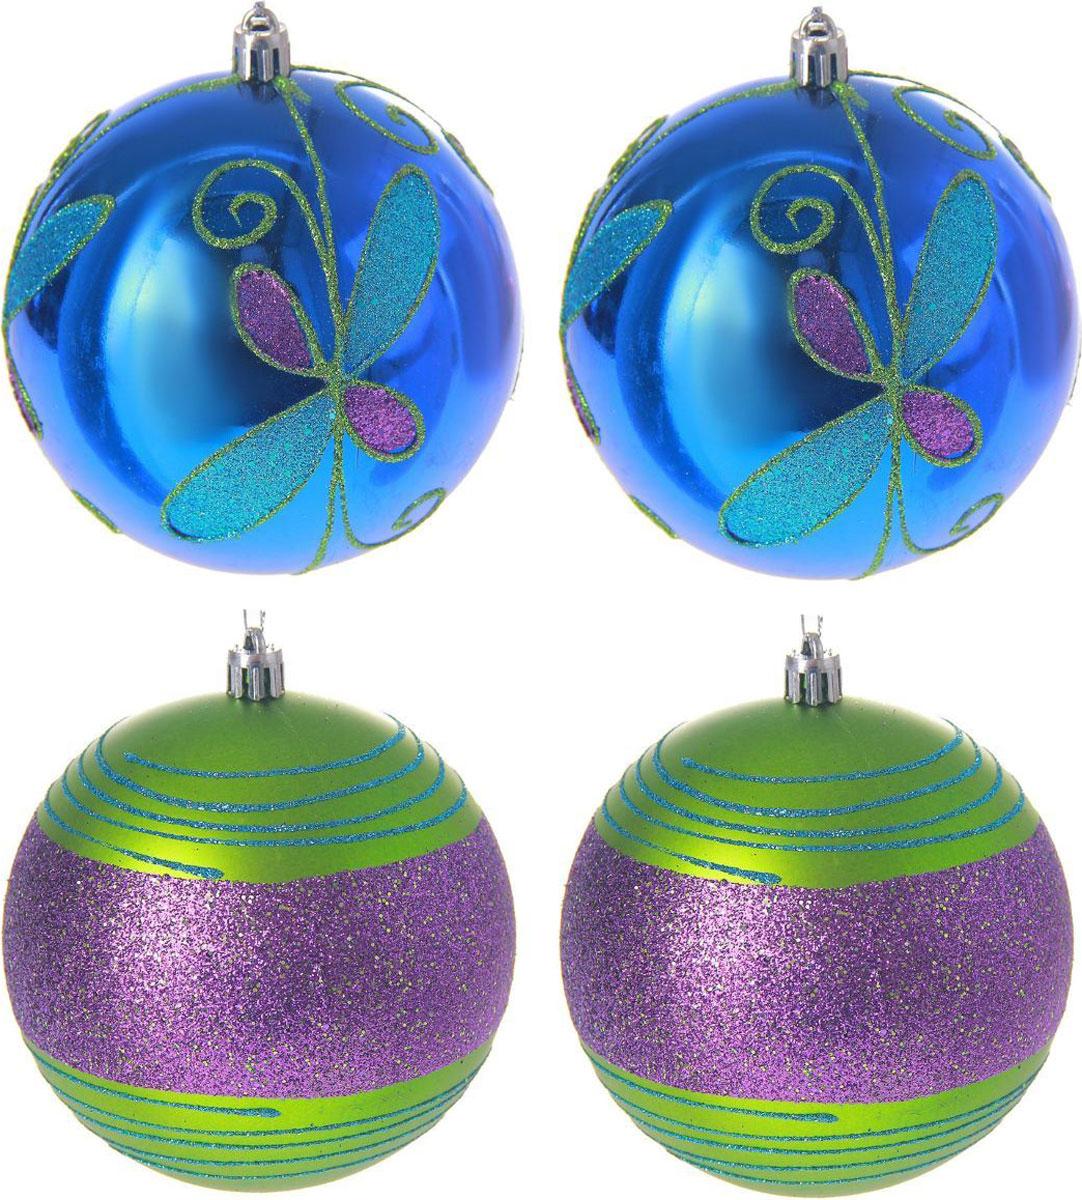 Набор новогодних подвесных украшений Sima-land Сине-зеленое ассорти, диаметр 10 см, 4 шт2122869Набор новогодних подвесных украшений Sima-land отлично подойдет для декорации вашего дома и новогодней ели. С помощью специальной петельки украшение можно повесить в любом понравившемся вам месте. Но, конечно, удачнее всего оно будет смотреться на праздничной елке. Елочная игрушка - символ Нового года. Она несет в себе волшебство и красоту праздника. Создайте в своем доме атмосферу веселья и радости, украшая новогоднюю елку нарядными игрушками, которые будут из года в год накапливать теплоту воспоминаний.